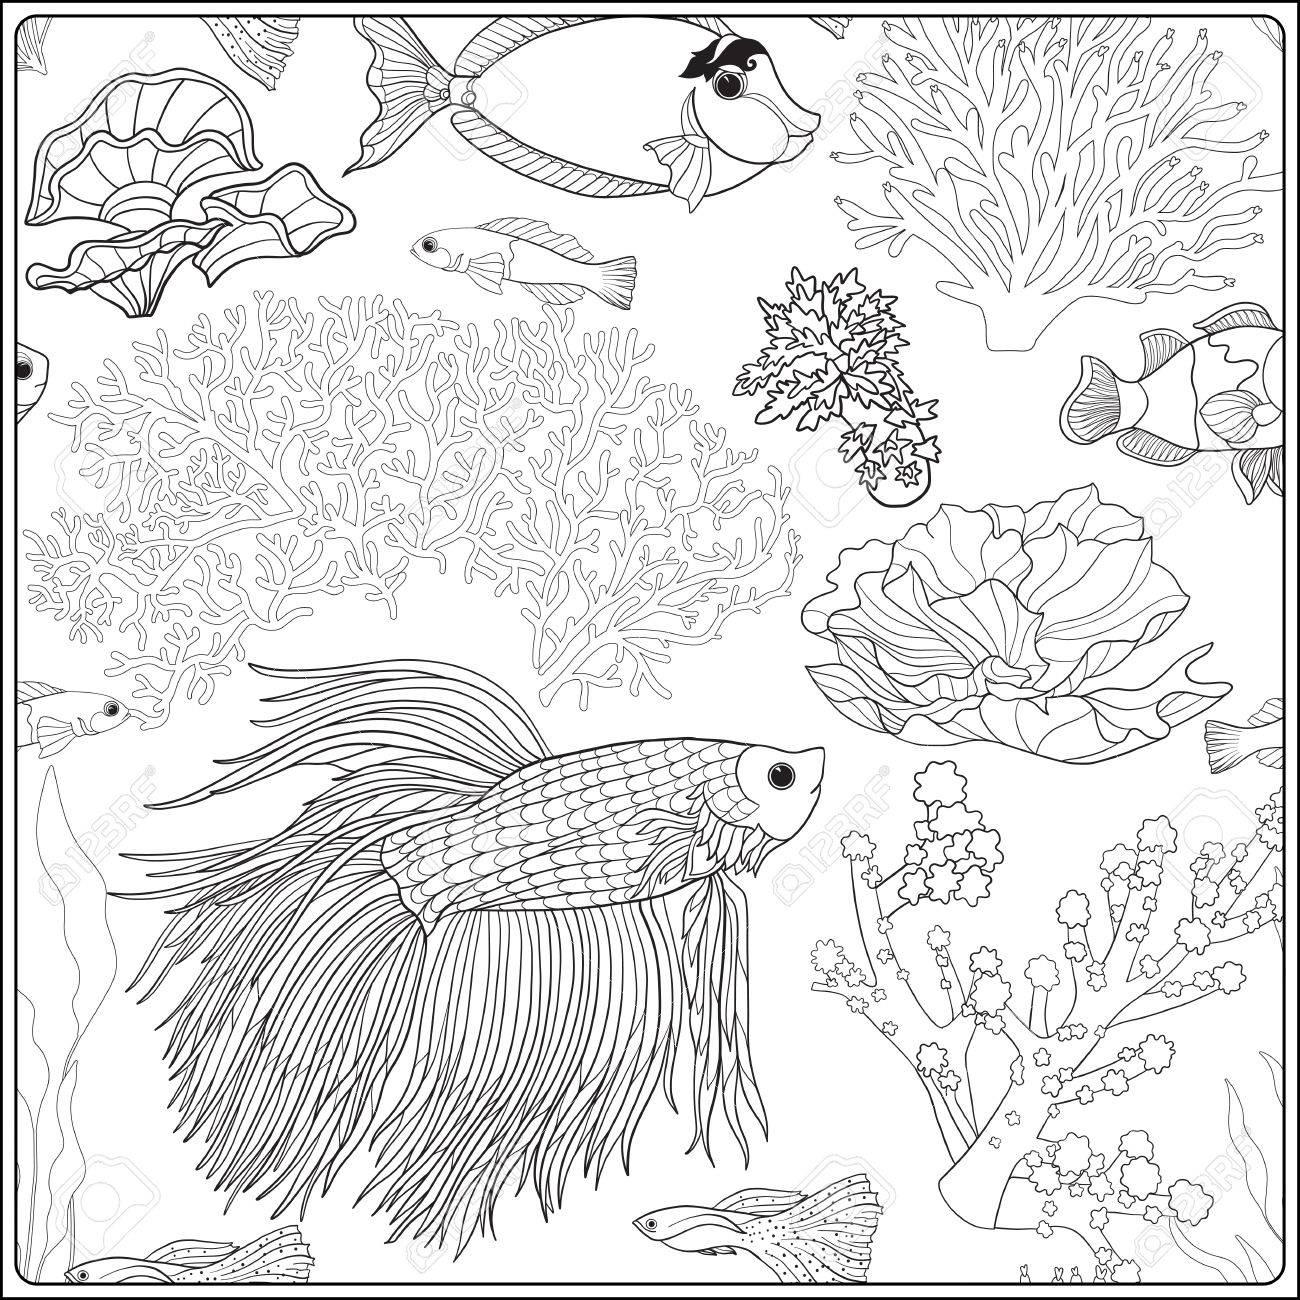 Modelo Con Los Corales Y Decorativos Mar O Peces De Acuario ...